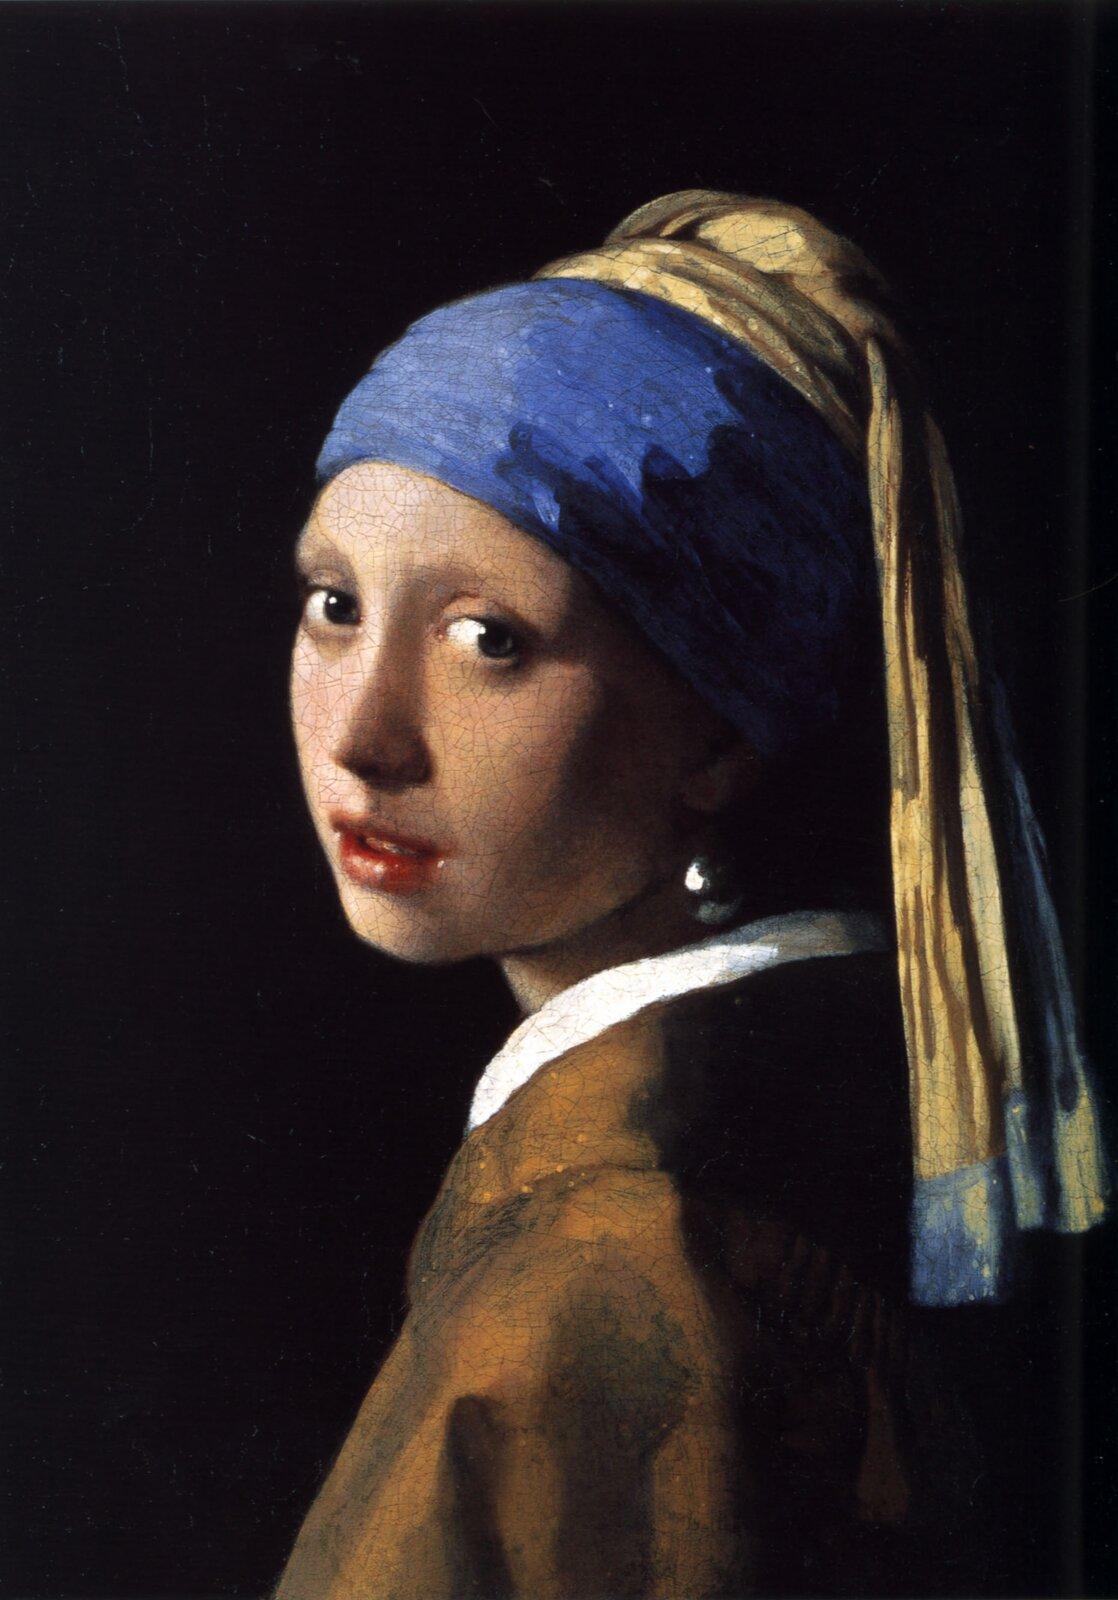 """Ilustracja przedstawia obraz olejny """"Dziewczyna zperłą"""" autorstwa Jana Vermeera. Dzieło ukazuje młodą dziewczynę, ubraną wbeżowo-żółtą suknię zbiałym kołnierzem oraz niebiesko-beżowy turban. Twarz stojącej bokiem postaci zwraca się wkierunku odbiorcy. Czerwone, dziewczęce usta są lekko uchylone. Wyraźnym akcentem obrazu jest duża perła wkolczyku dziewczyny, wktórej odbija się otoczenie. Ustawiona na ciemnym tle postać oświetlona jest miękkim światłem padającym zlewej strony. Kompozycja jest statyczna, co podkreśla nastrój wyciszenia ispokoju. Na obrazie dominują beże przełamane ultramaryną turbanu iczerwienią ust."""